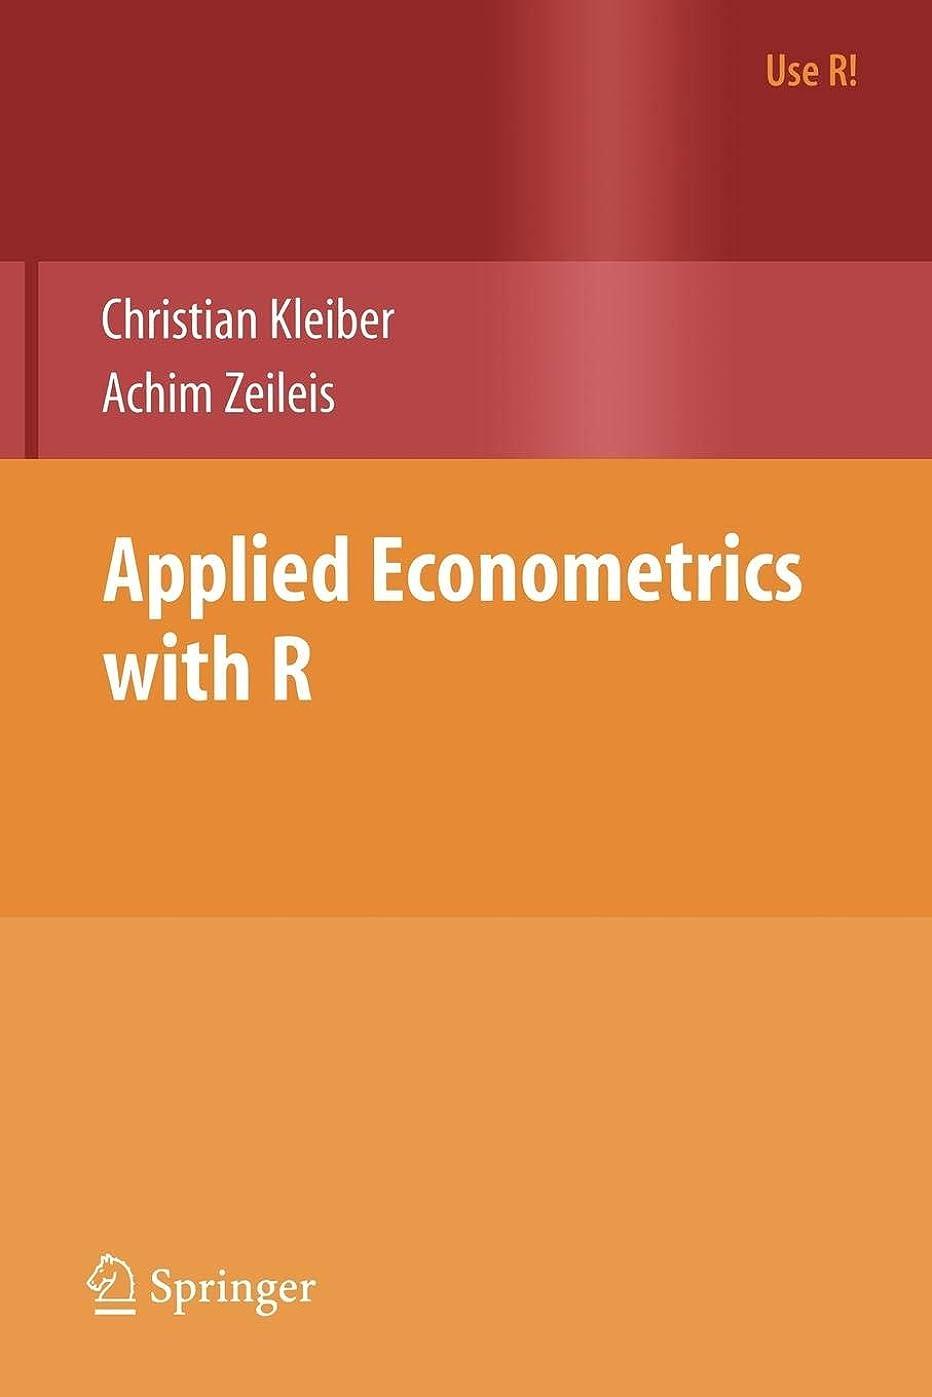 シーズン簡単にバーストApplied Econometrics with R (Use R!)